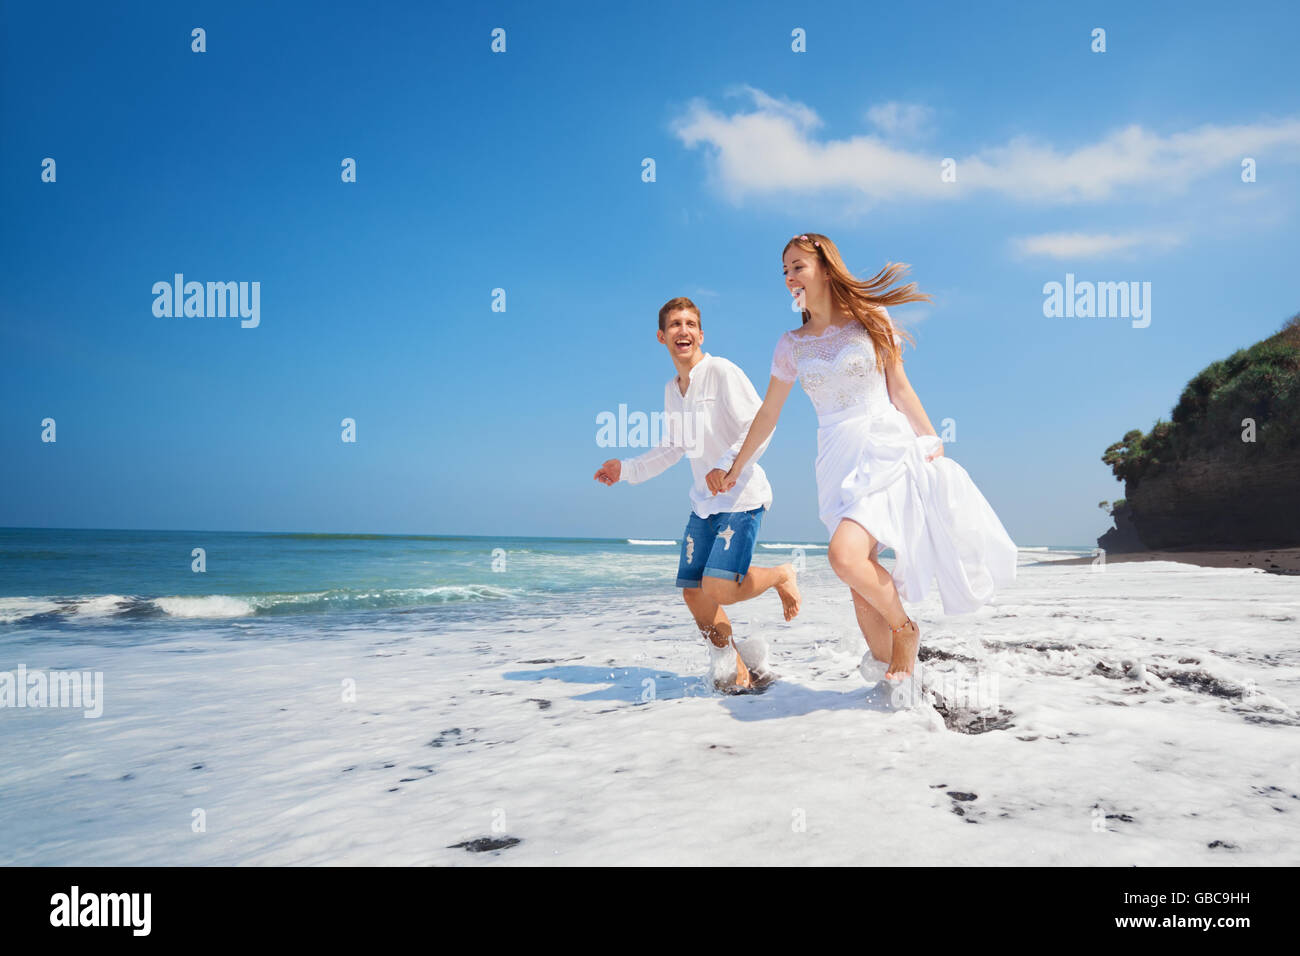 Felice famiglia sposi in luna di miele vacanze - appena sposato amare giovane eseguire con il divertimento da spiaggia Immagini Stock